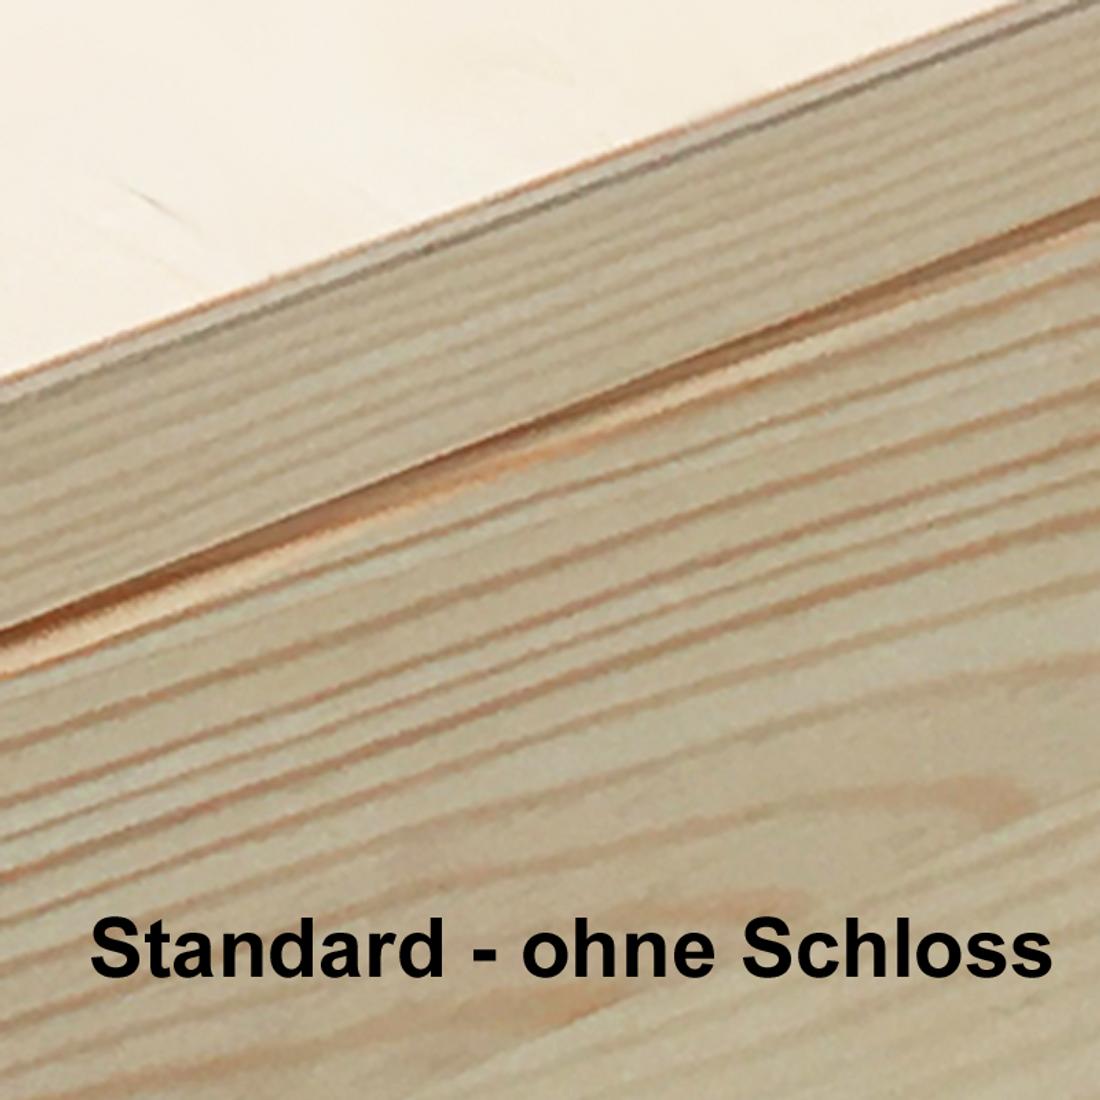 Hochzeits-Holz-Geschenkbox m r11 Deckel Gr 1 Kiefer incl Auswahl-Lasergravur